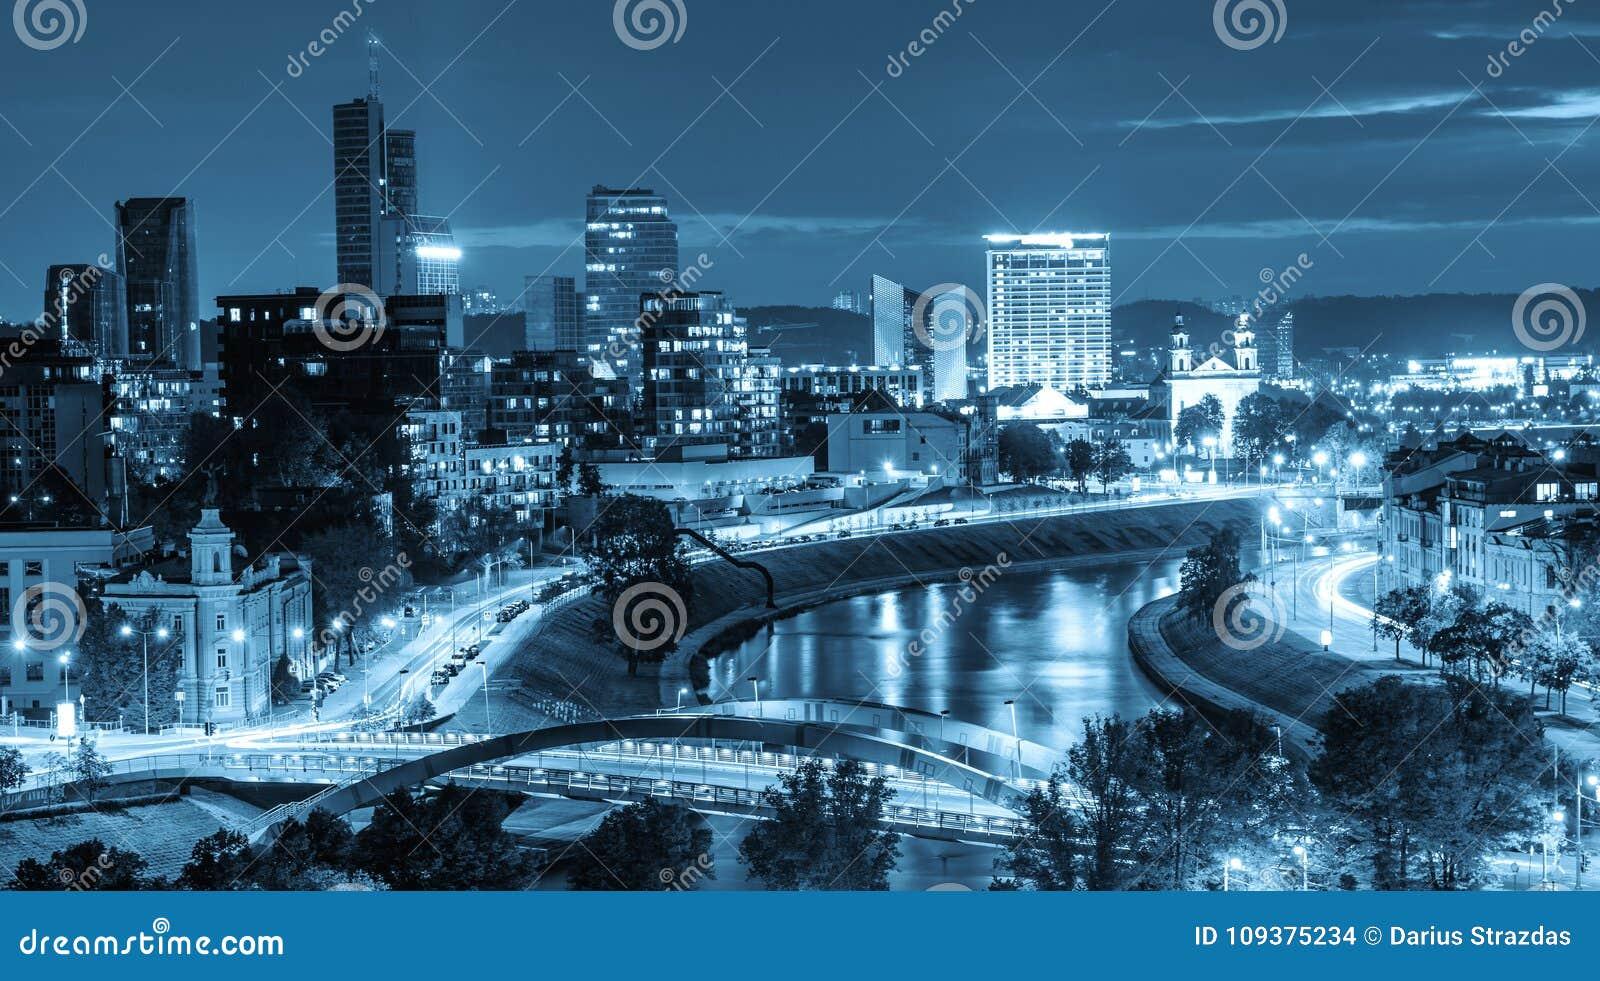 Scène de nuit de ville, vue remarquable des lumières et rivière